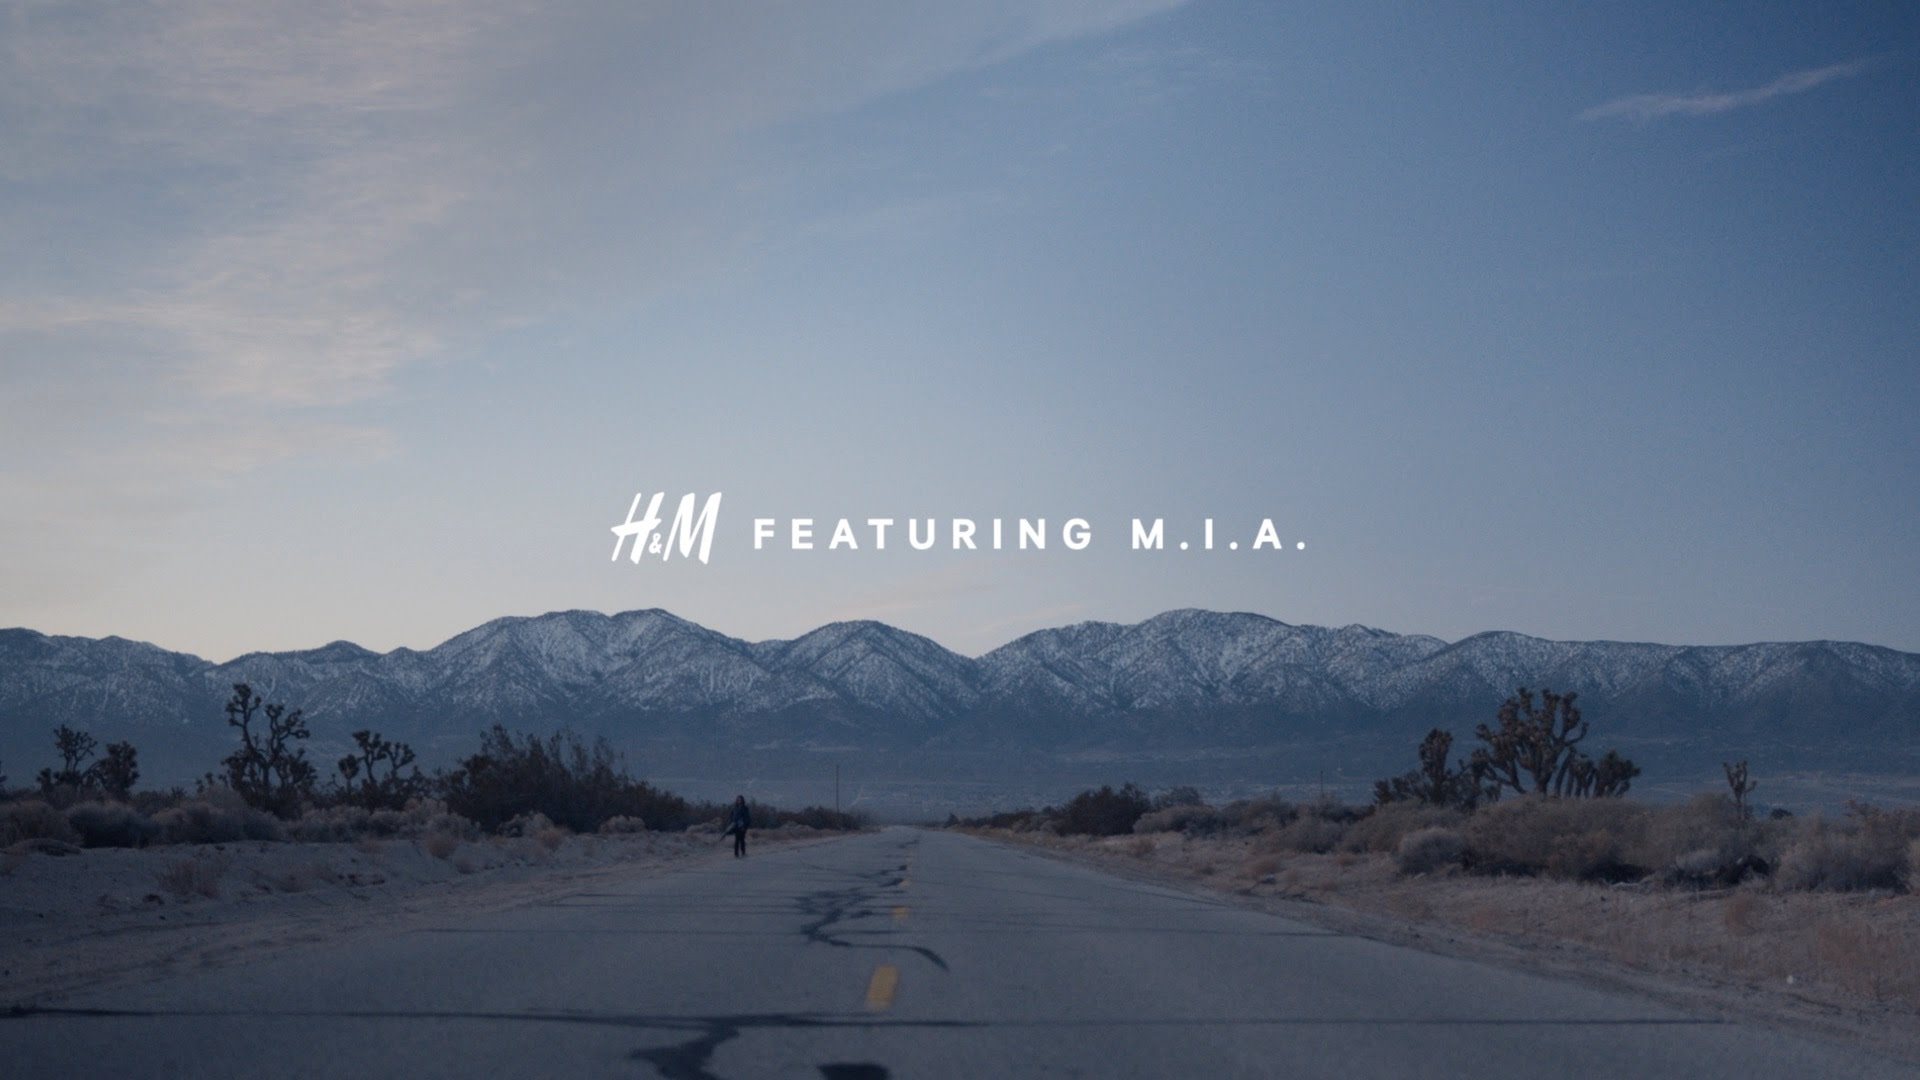 Musique de la Pub H&M – M.I.A – Recyclage